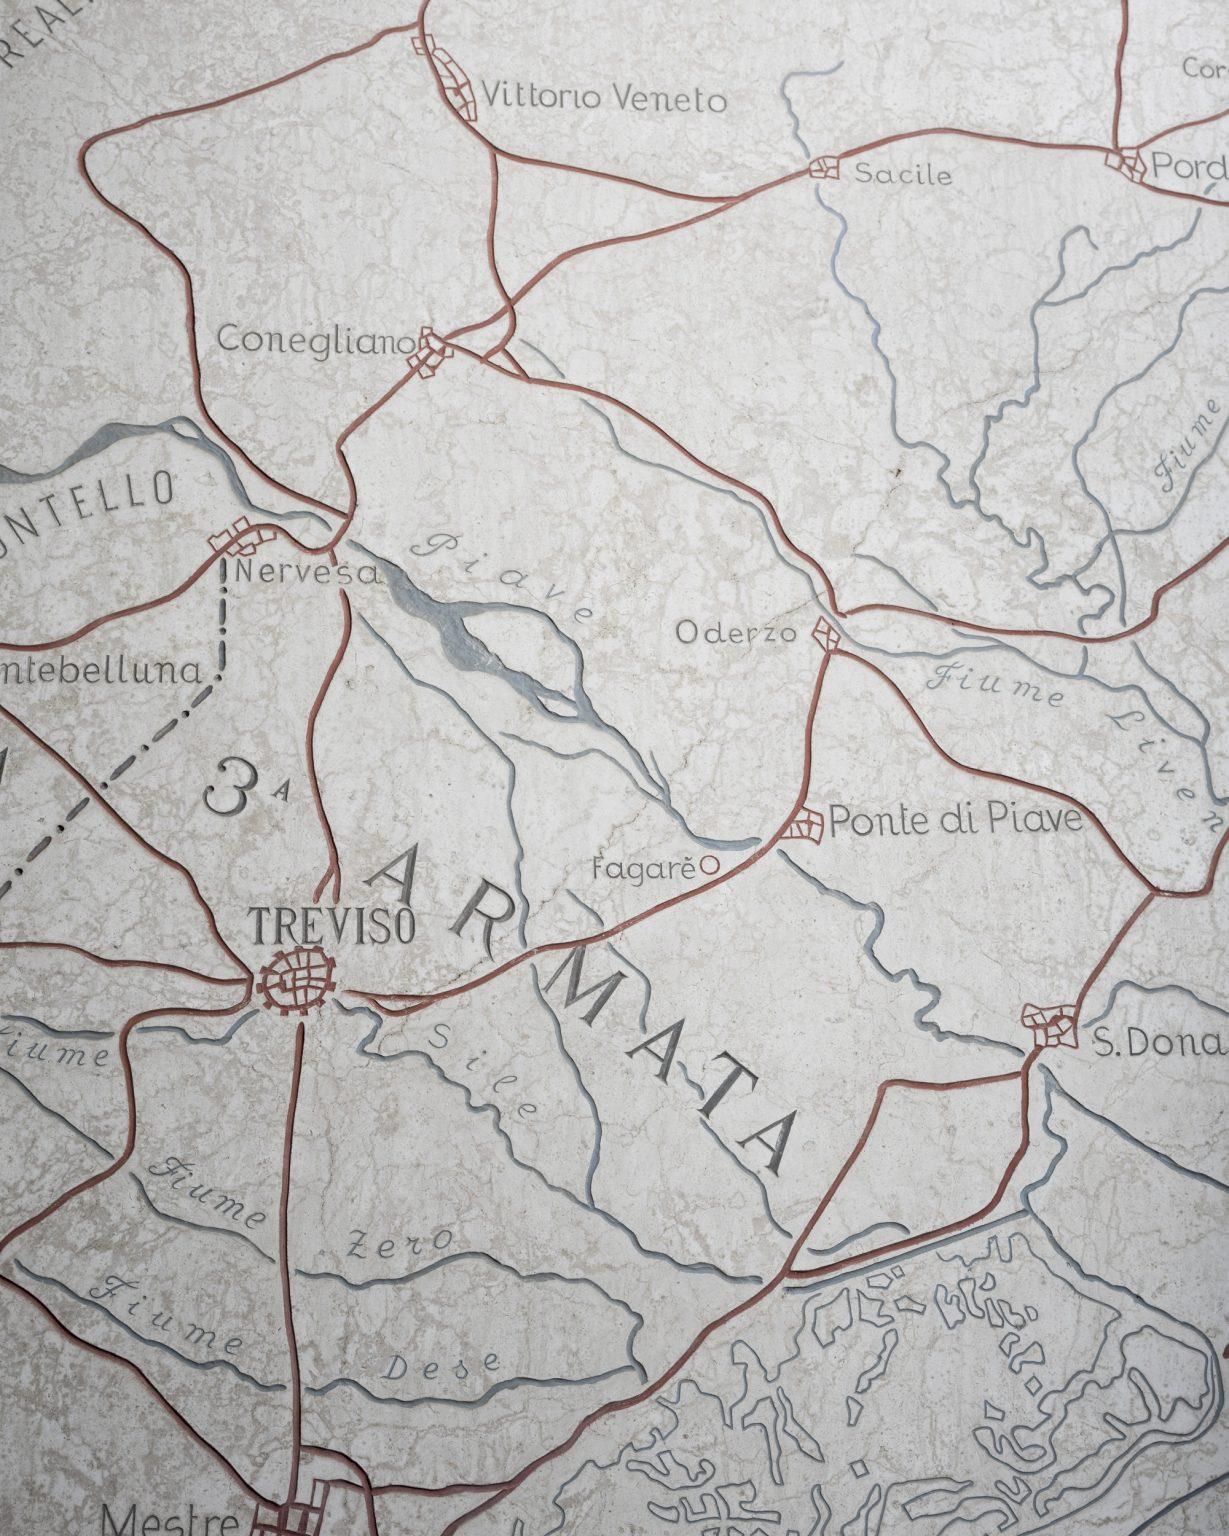 La leggenda del Piave. Fagarè della Battaglia (TV), sacrario militare. Una mappa del territorio del fiume Piave e della disposizione delle armate sulle sue sponde.